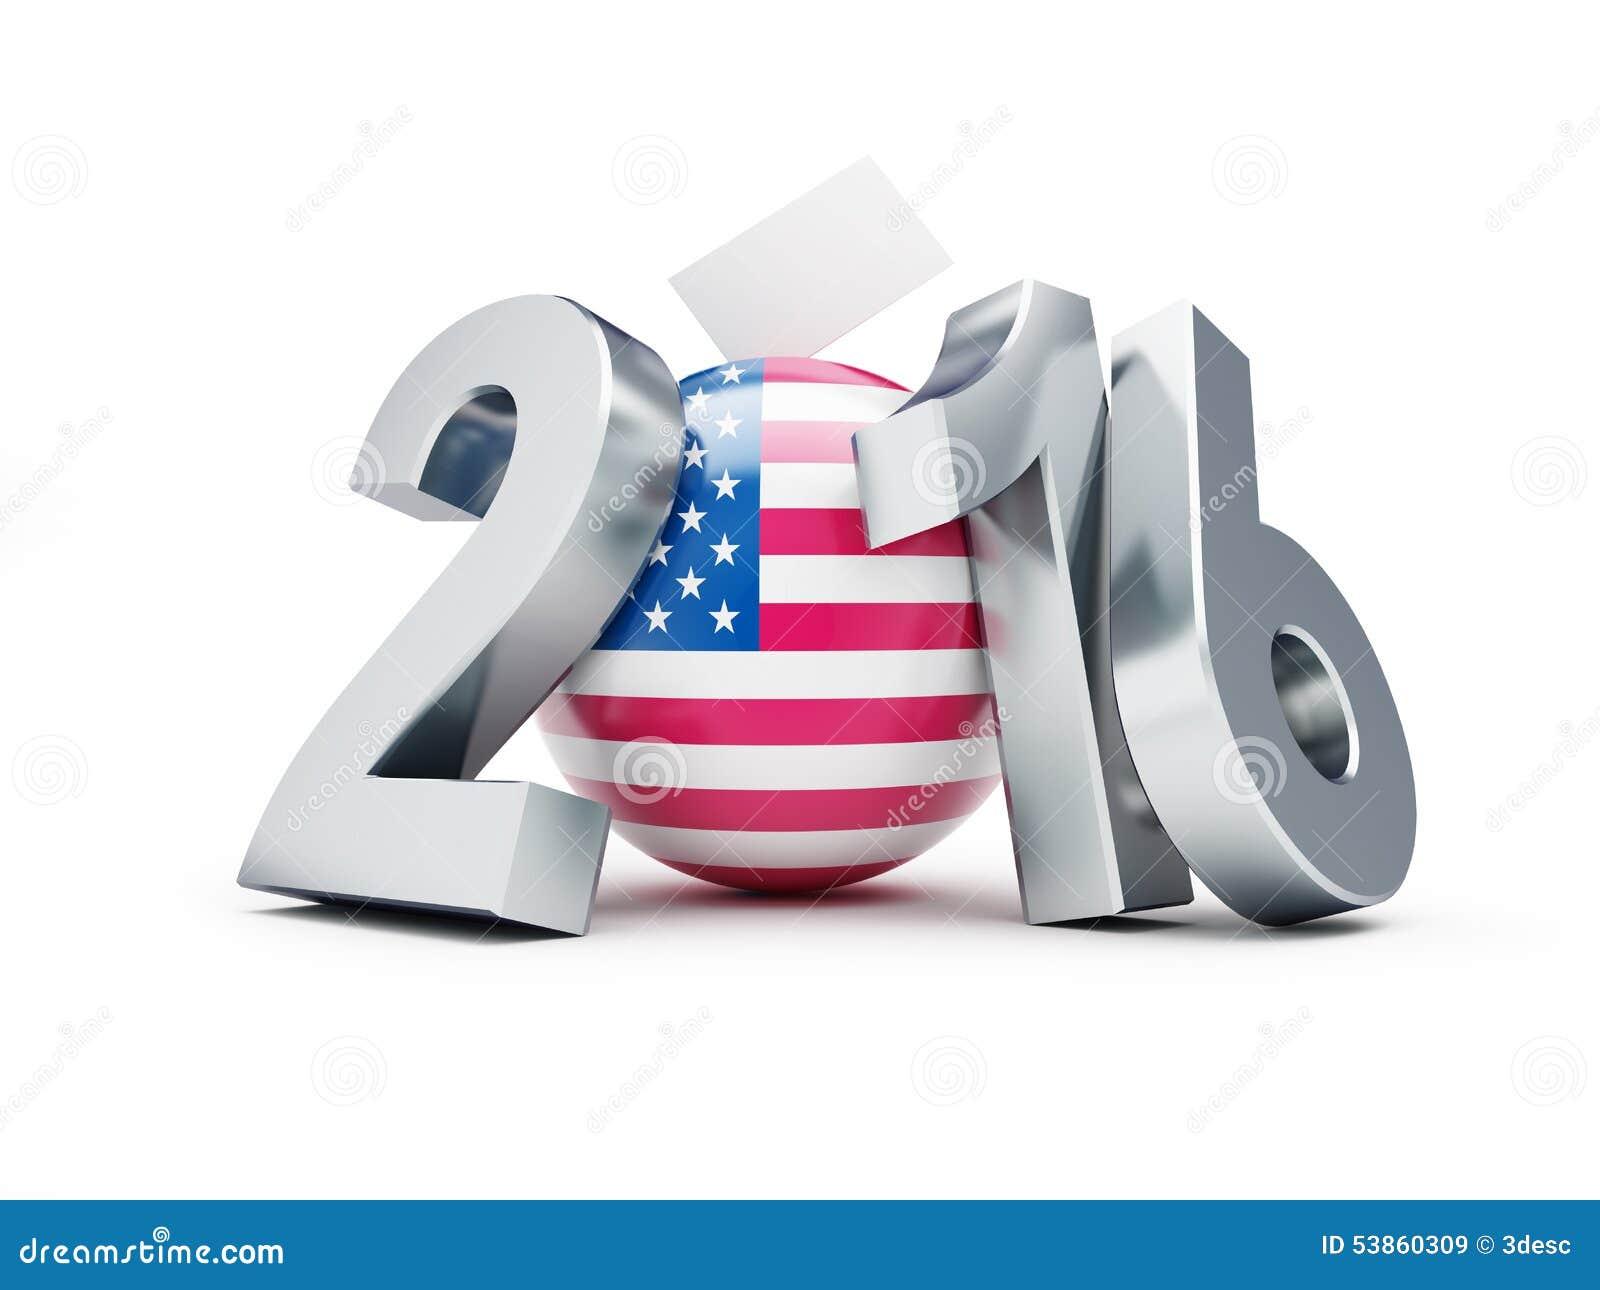 Lection pr sidentielle etats unis en 2016 illustration stock image 53860309 - Election presidentielle etats unis ...